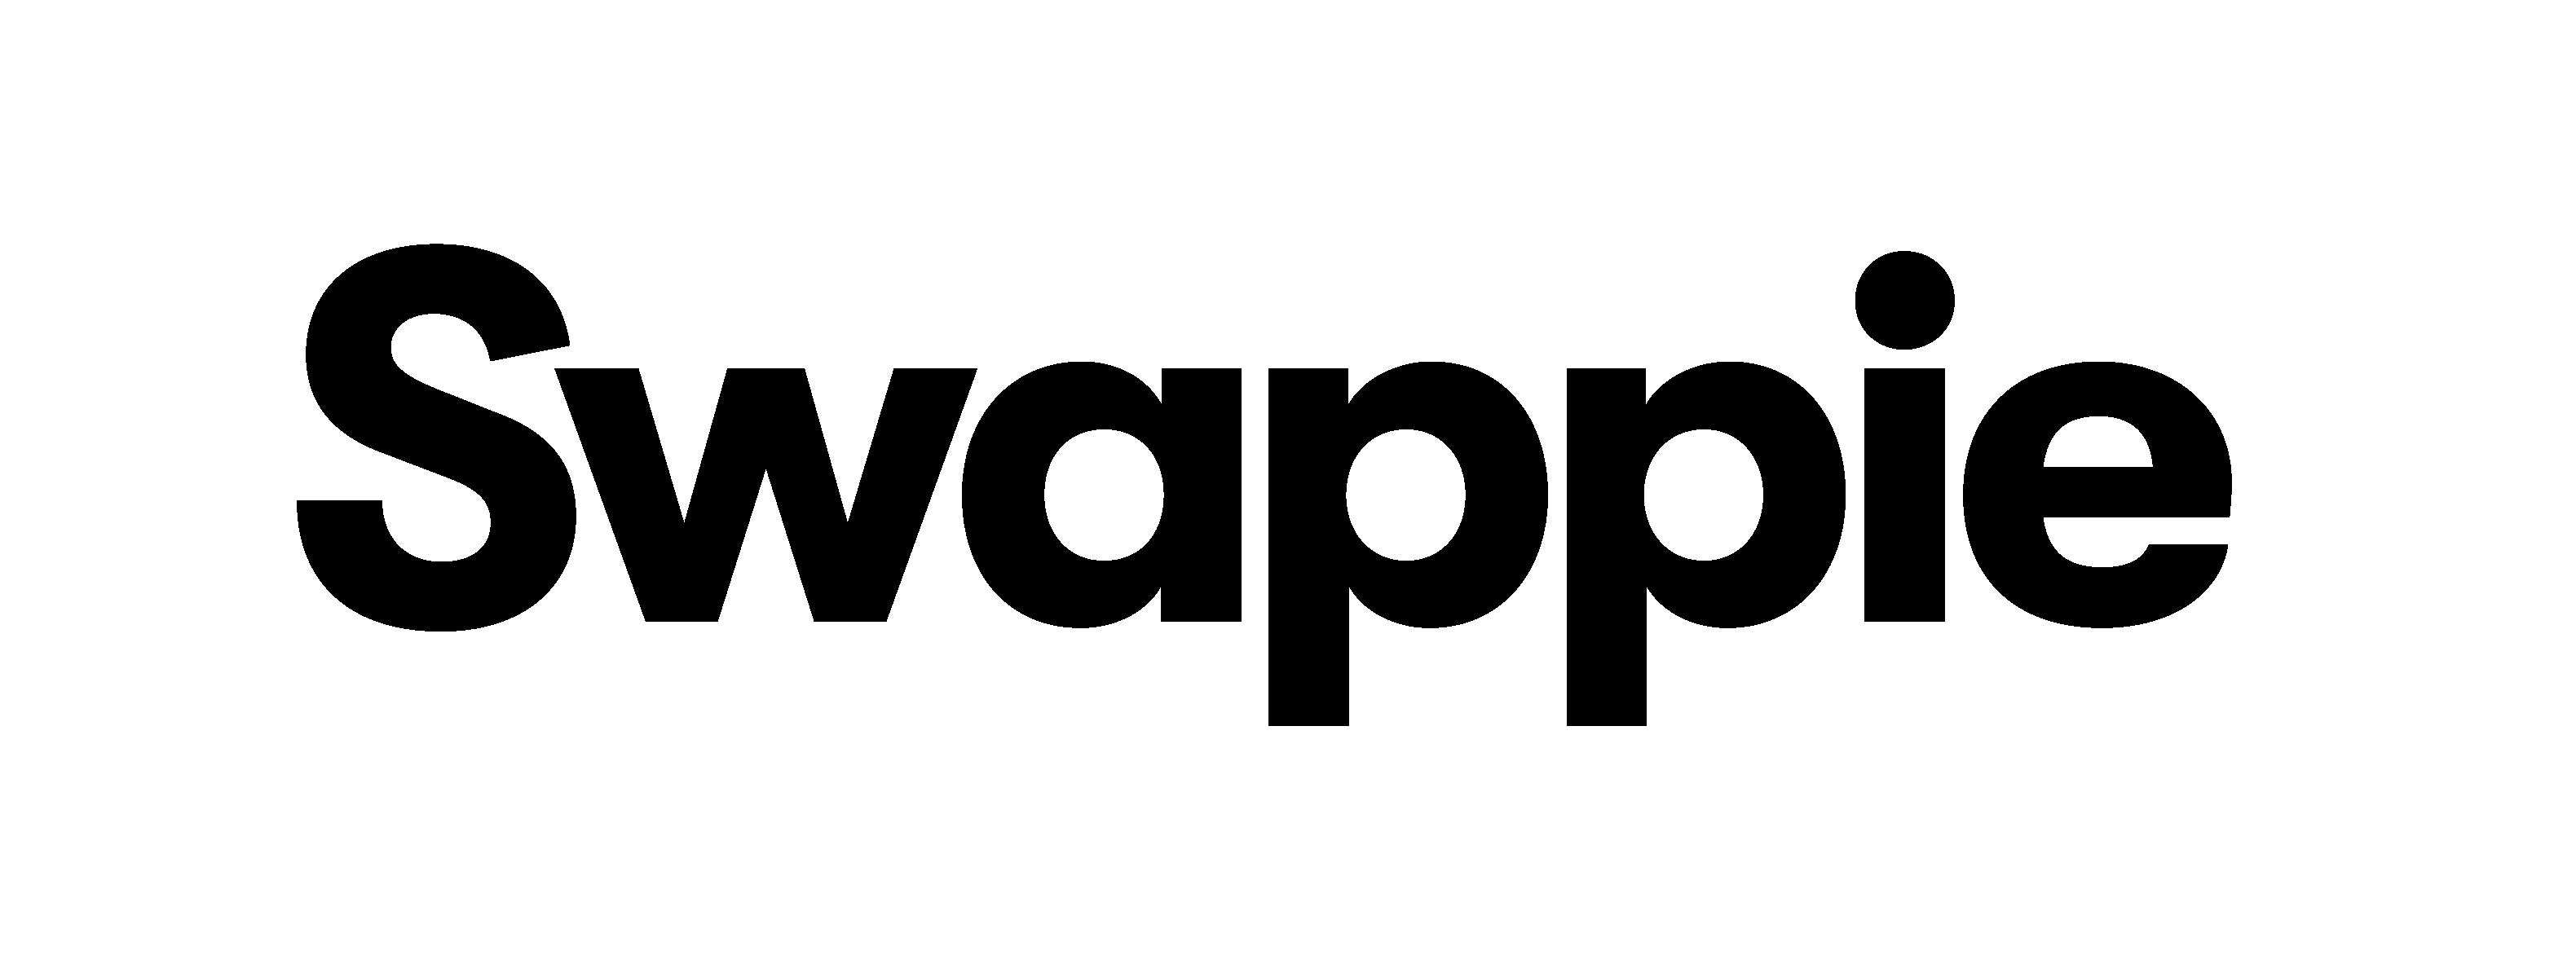 Swappie logo